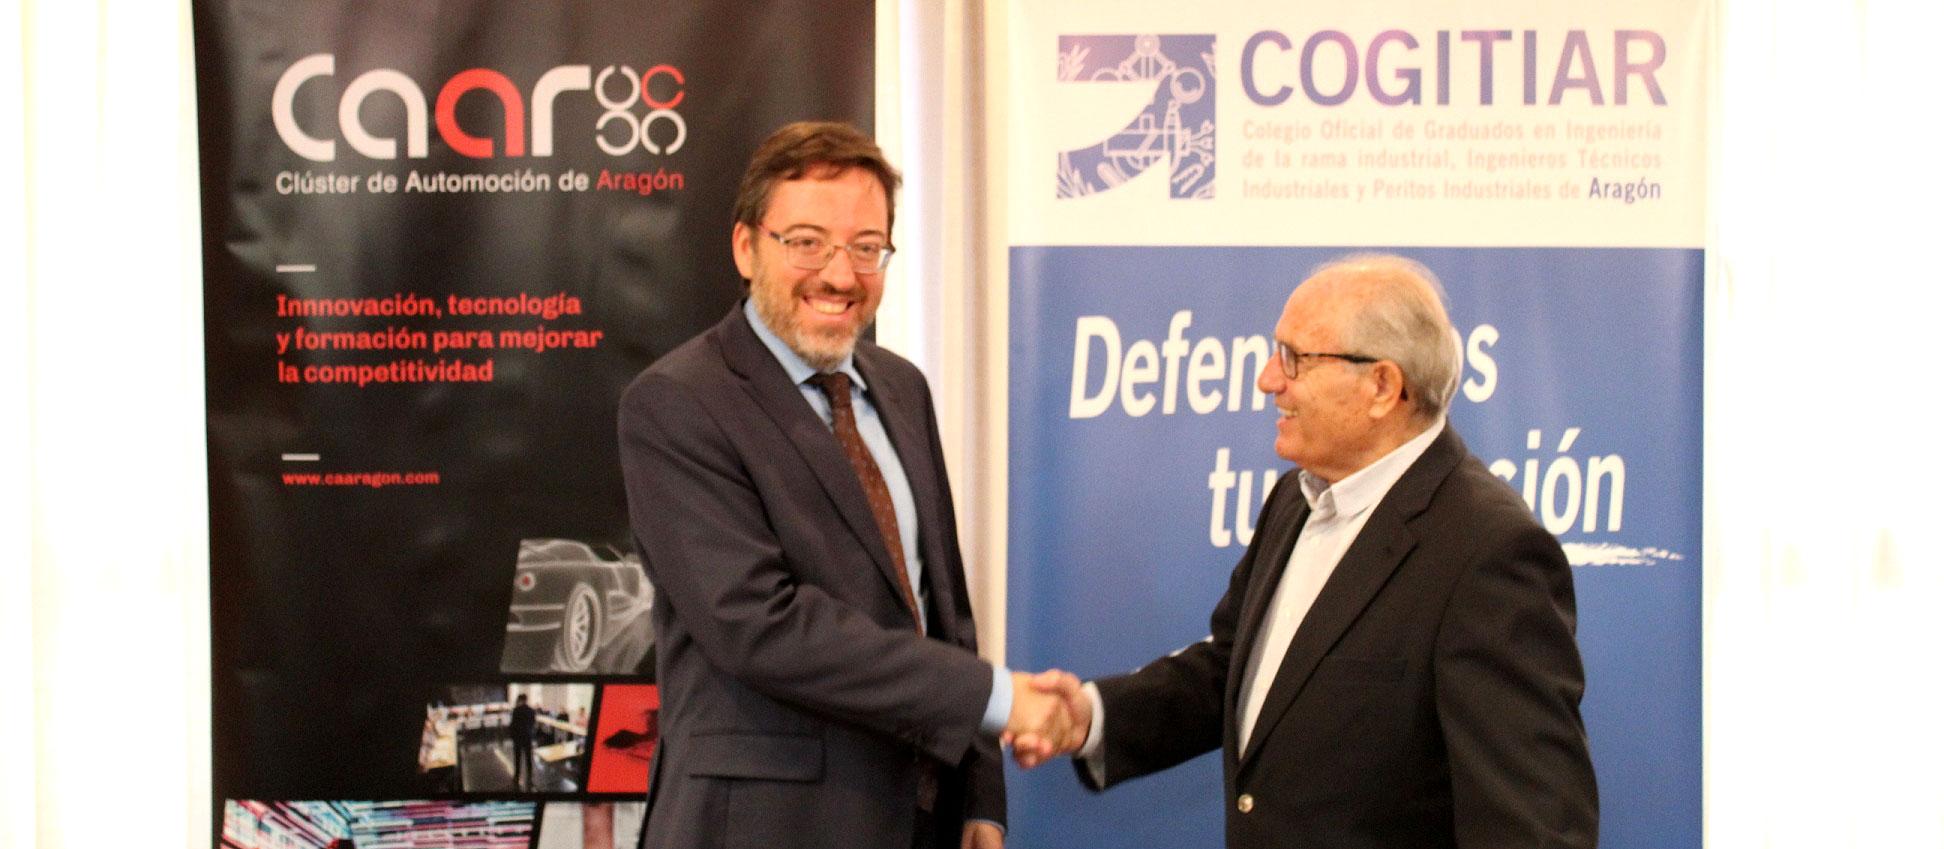 El COGITIAR y el Clúster de Automoción de Aragón firman un acuerdo de colaboración para fomentar el empleo, la formación y la comunicación entre sus socios